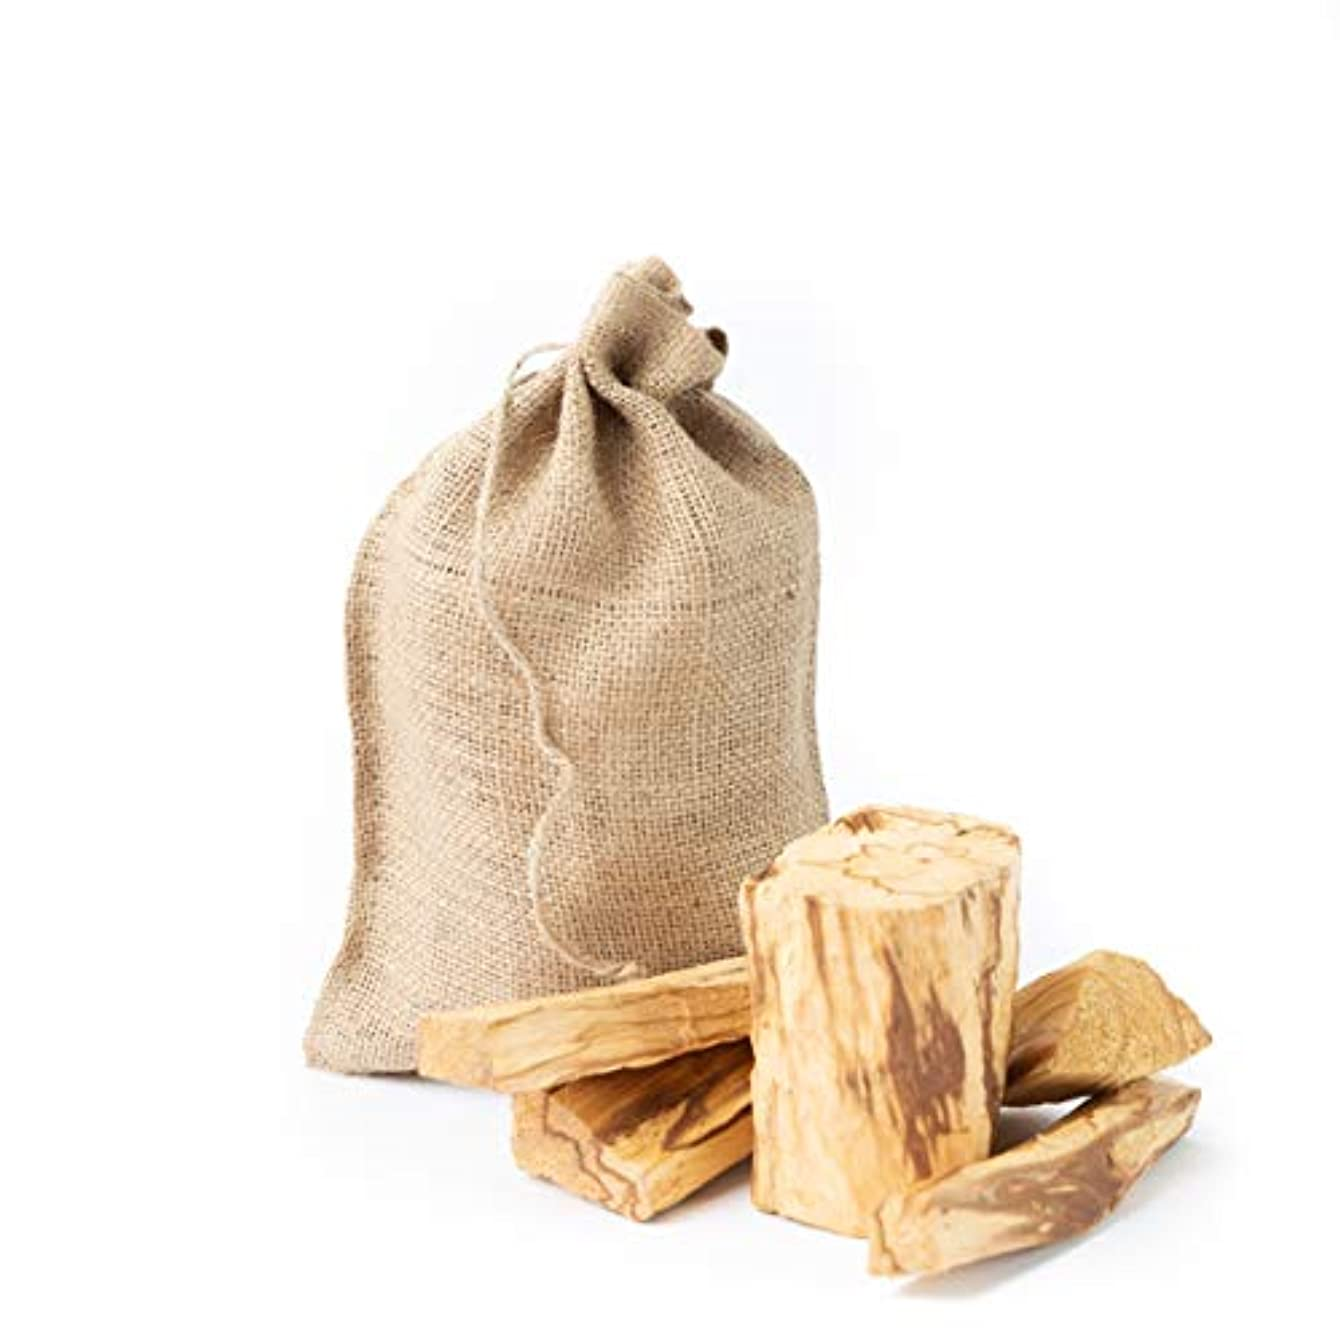 賛美歌科学希望に満ちたPalo SantoからPerú Smudging Sticks大きなチャンク、高樹脂1ポンドバッグ。